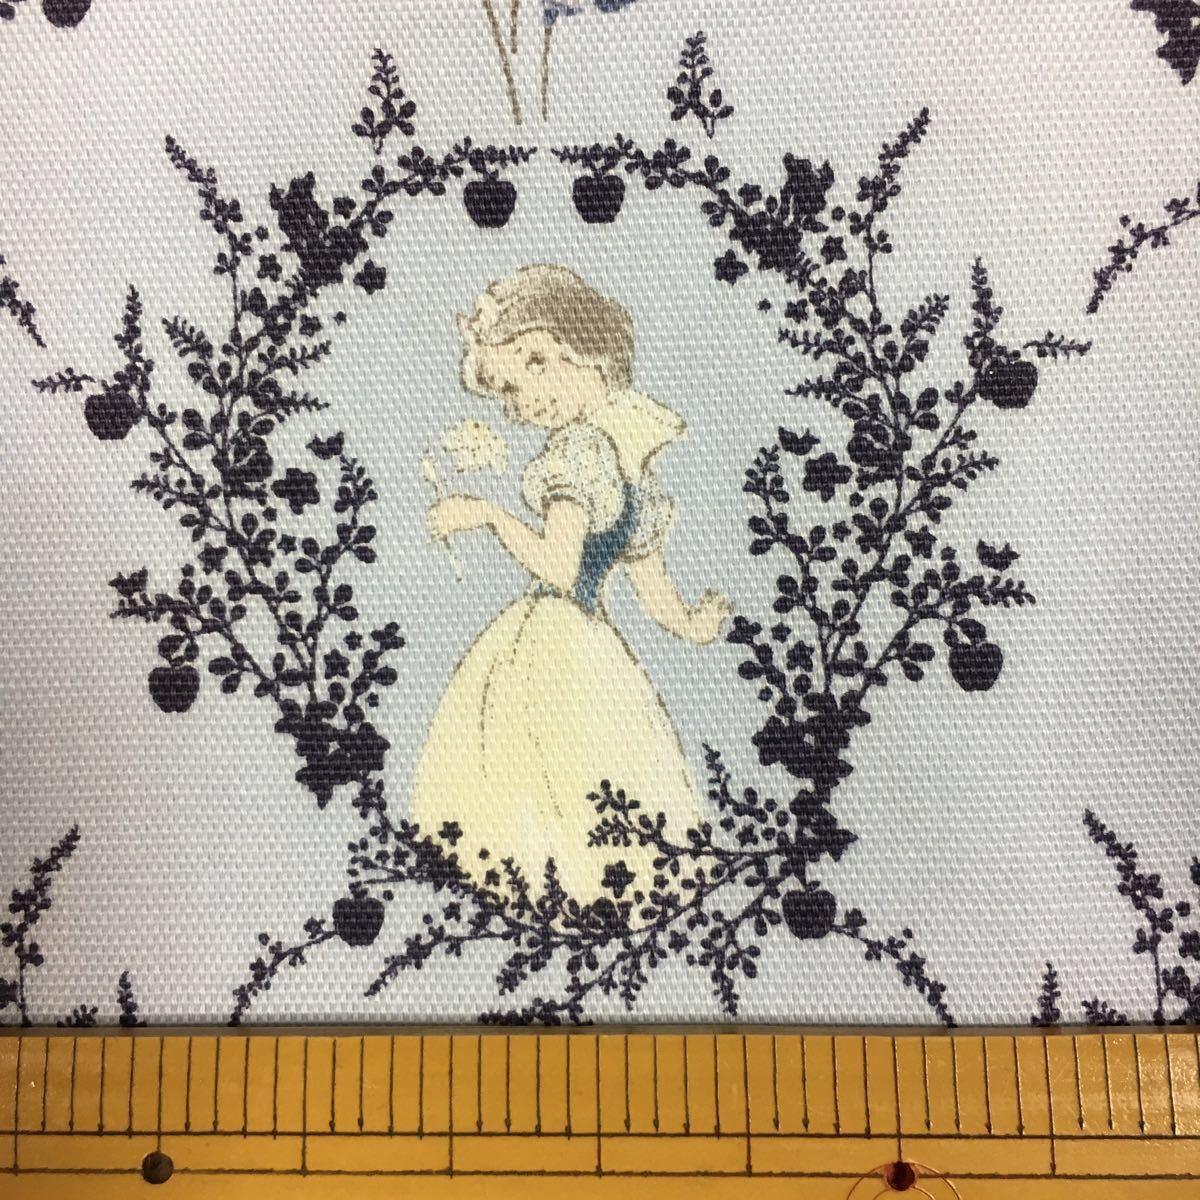 綿オックス:ディズニー白雪姫:生地幅×50:生地ハギレ